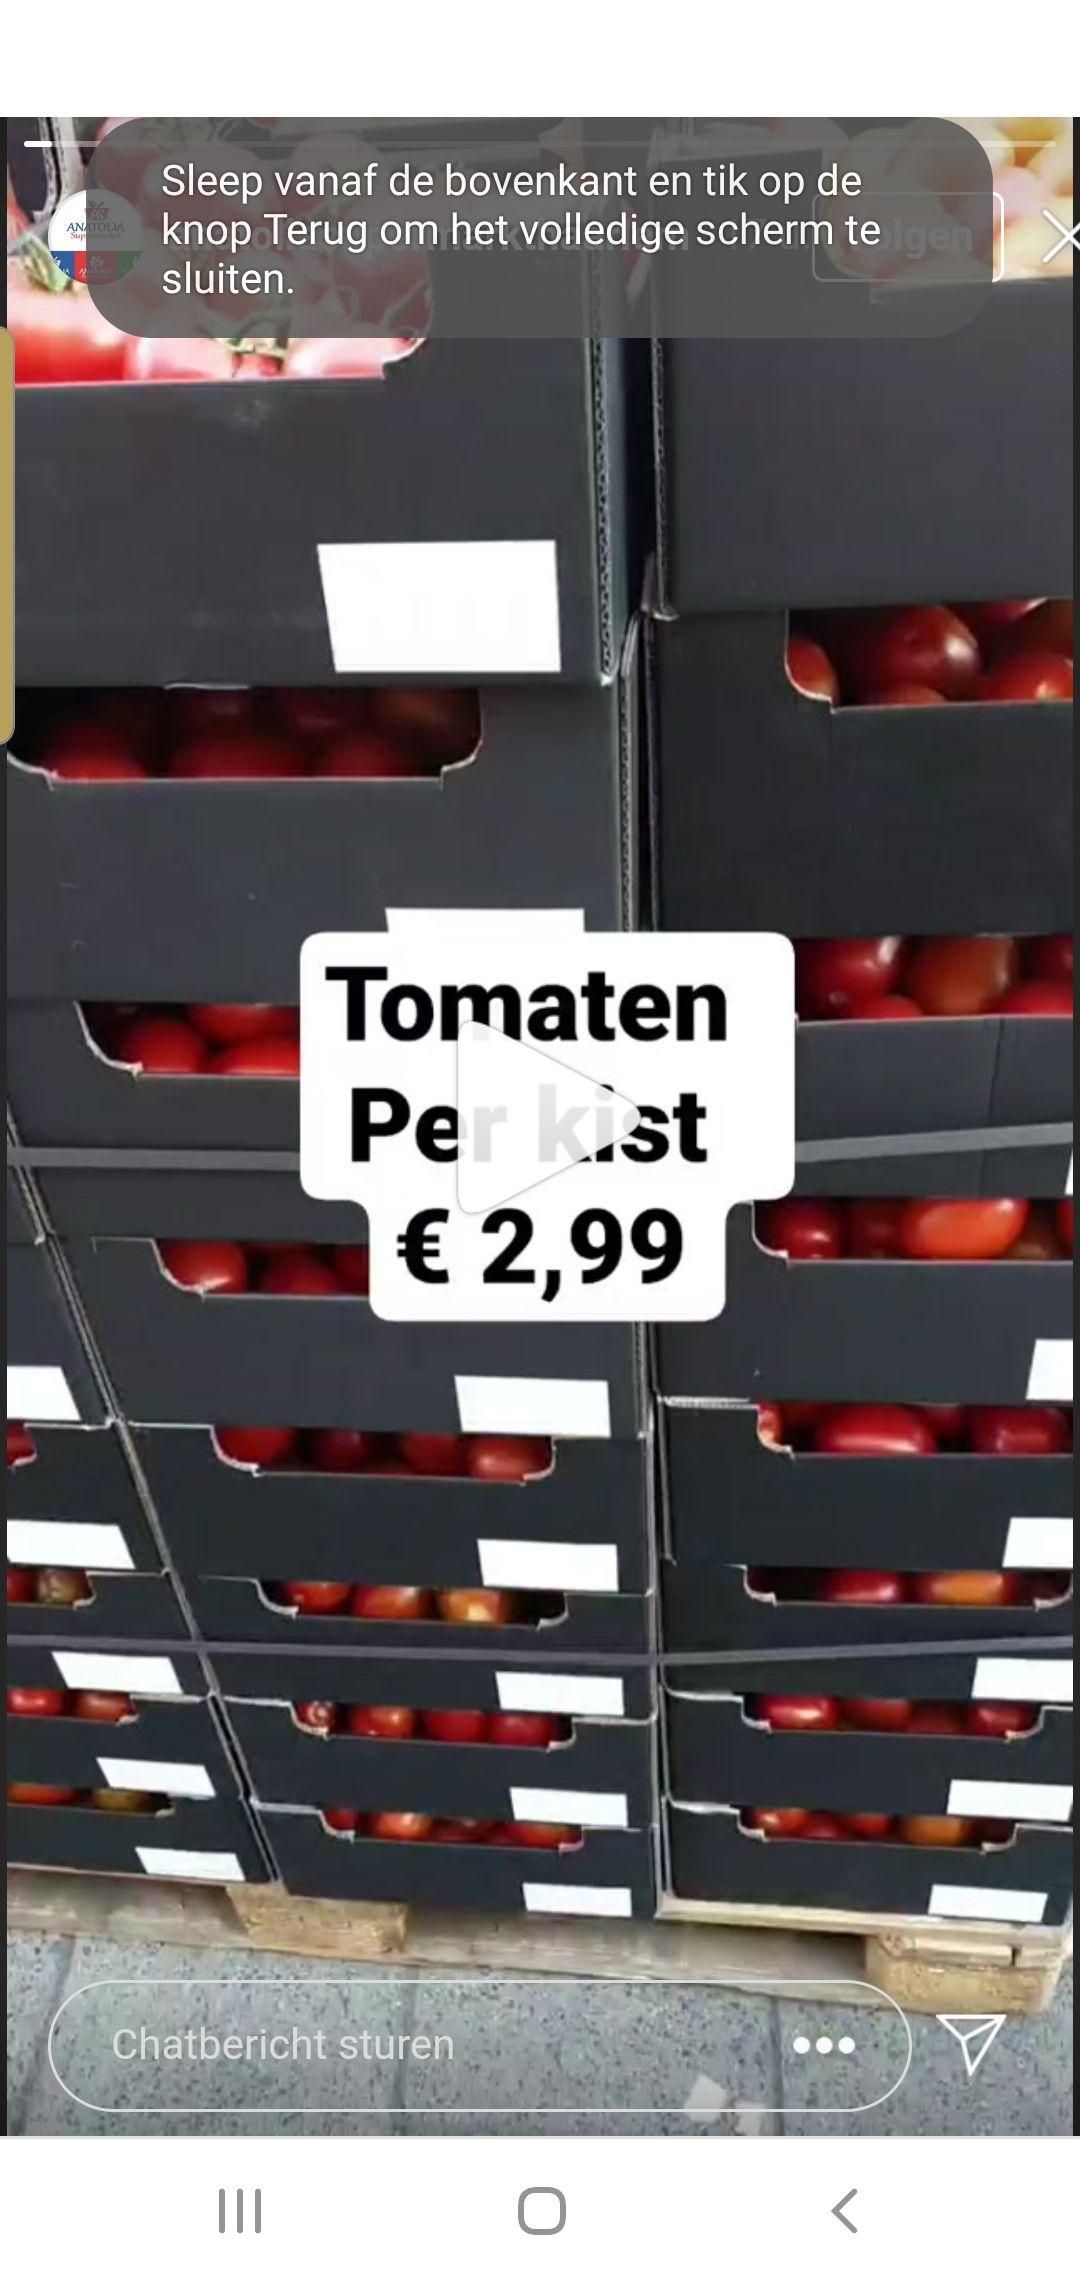 Lokaal haarlem anatolia supermarkt kist tomaten wss 5 kilo 3 euro